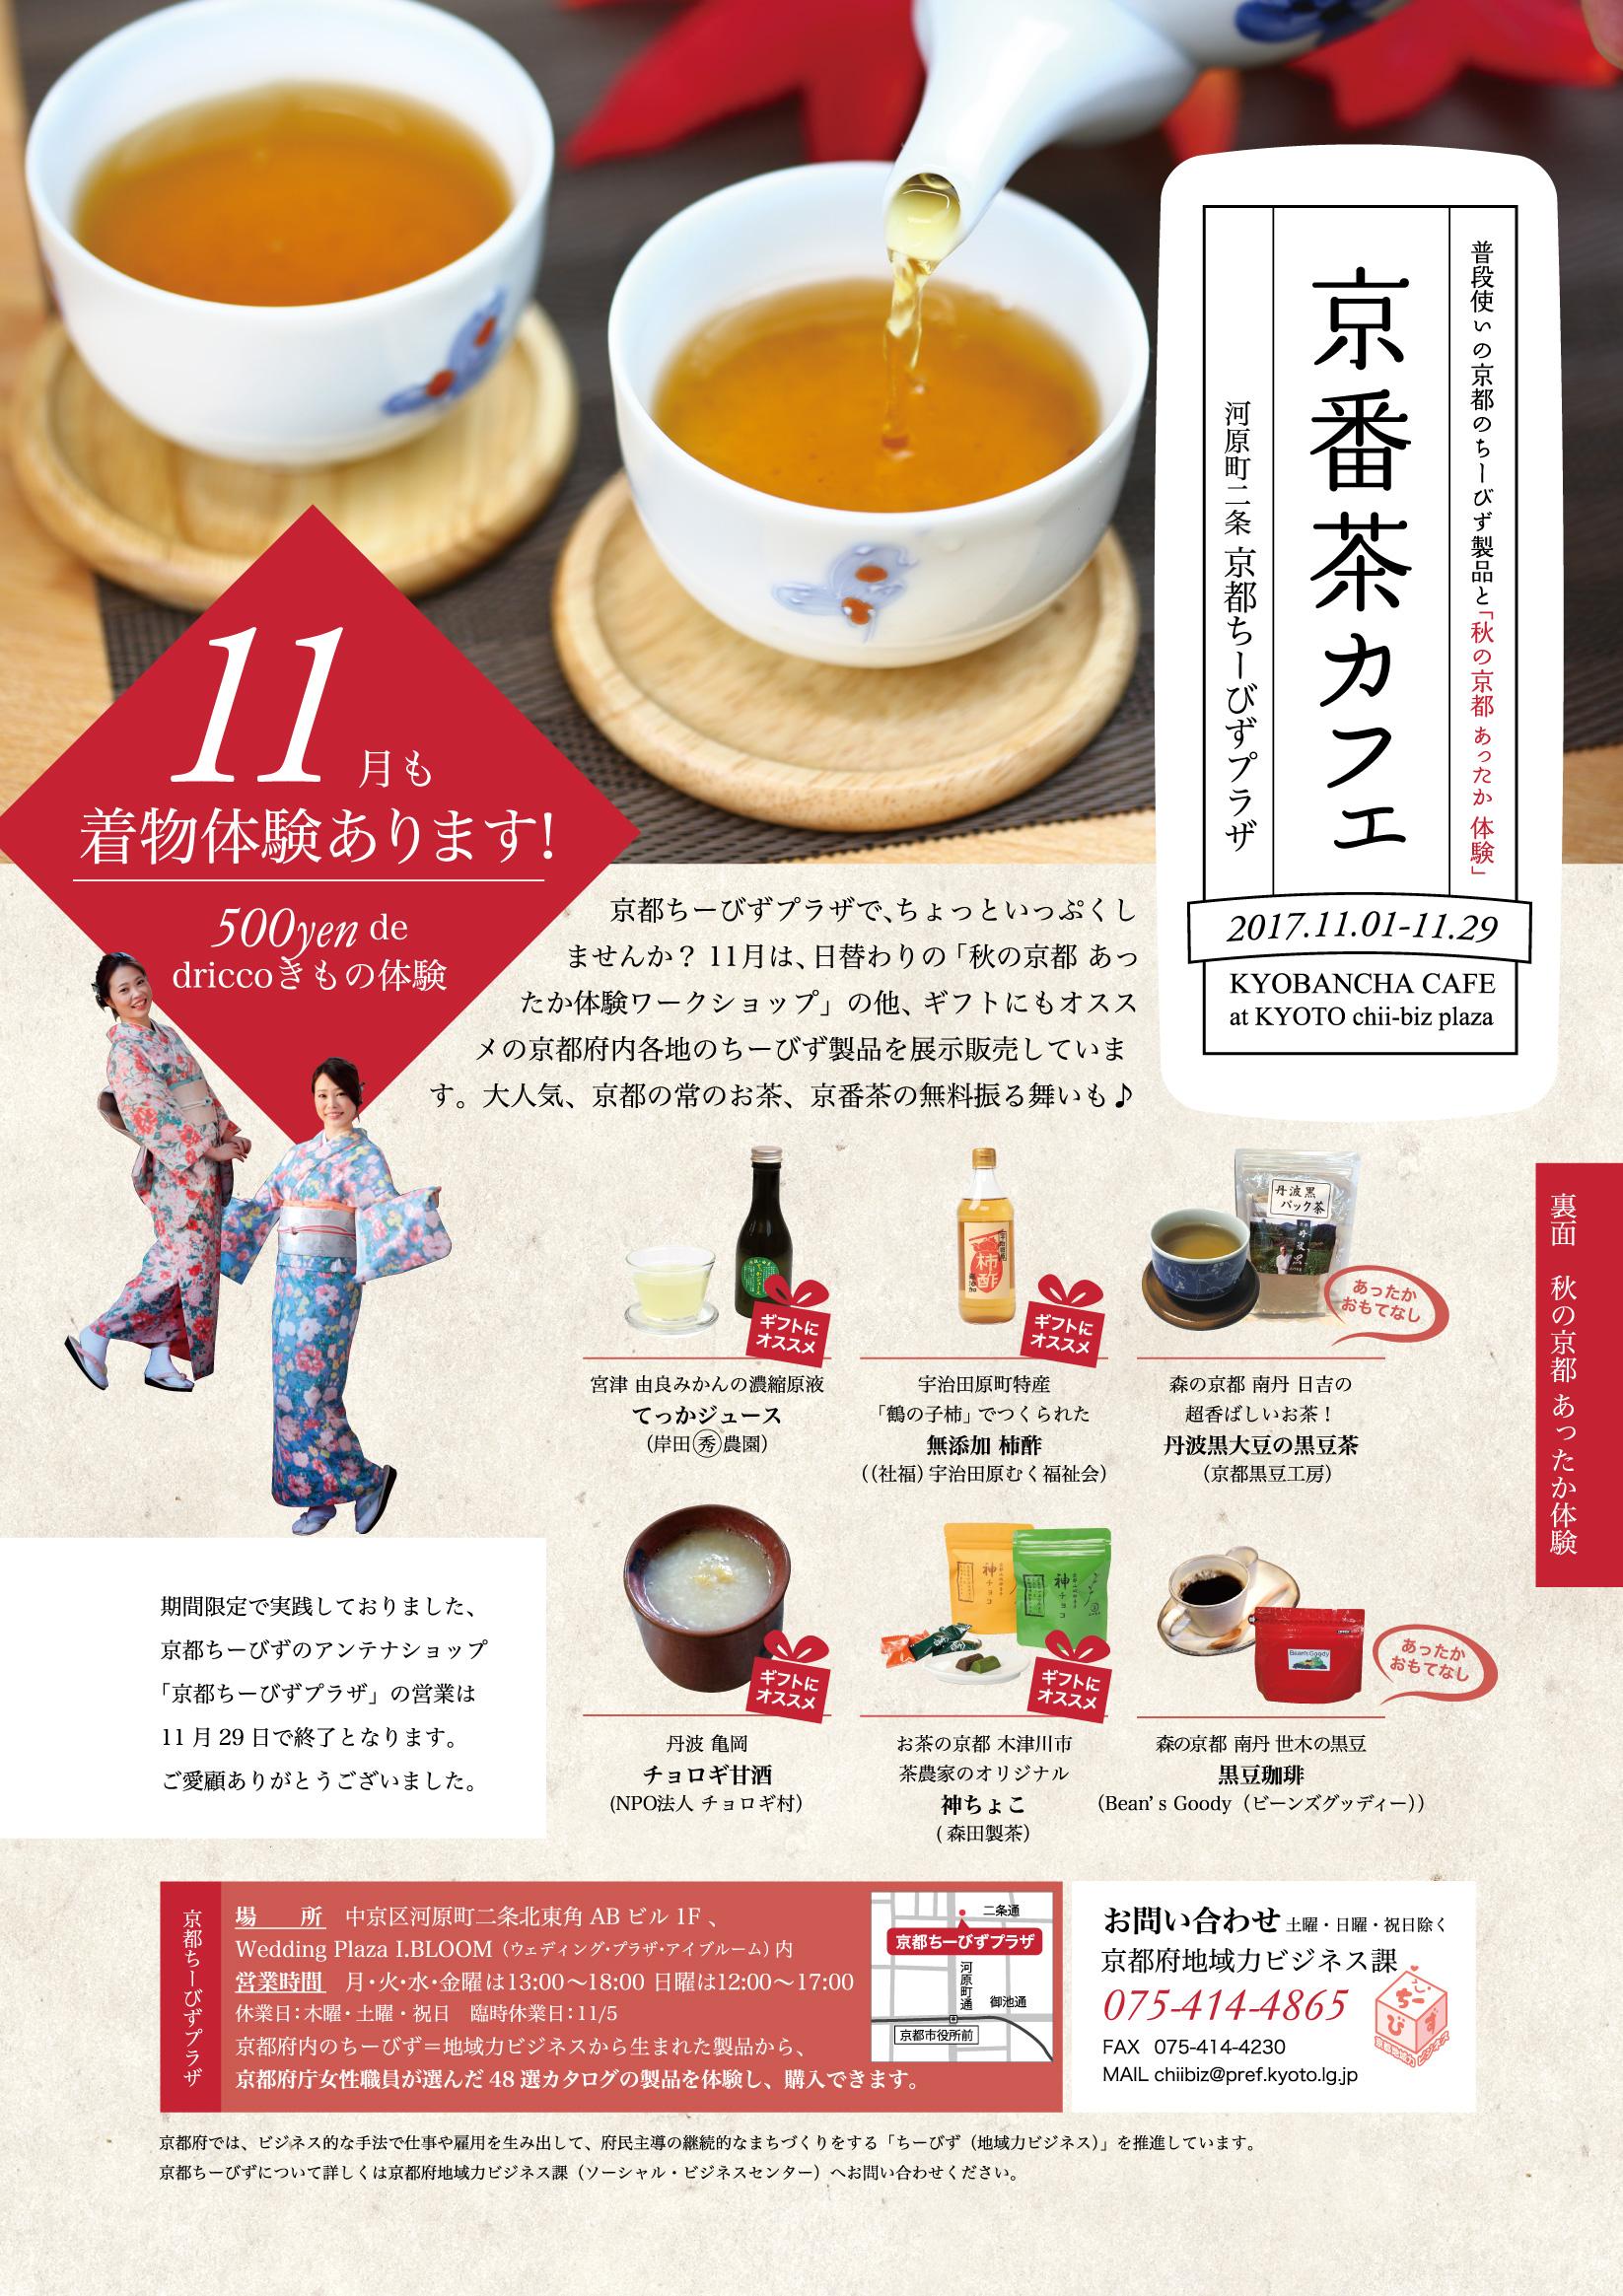 京番茶カフェ[普段使いの京都のちーびず製品と「秋の京都あったか体験」]